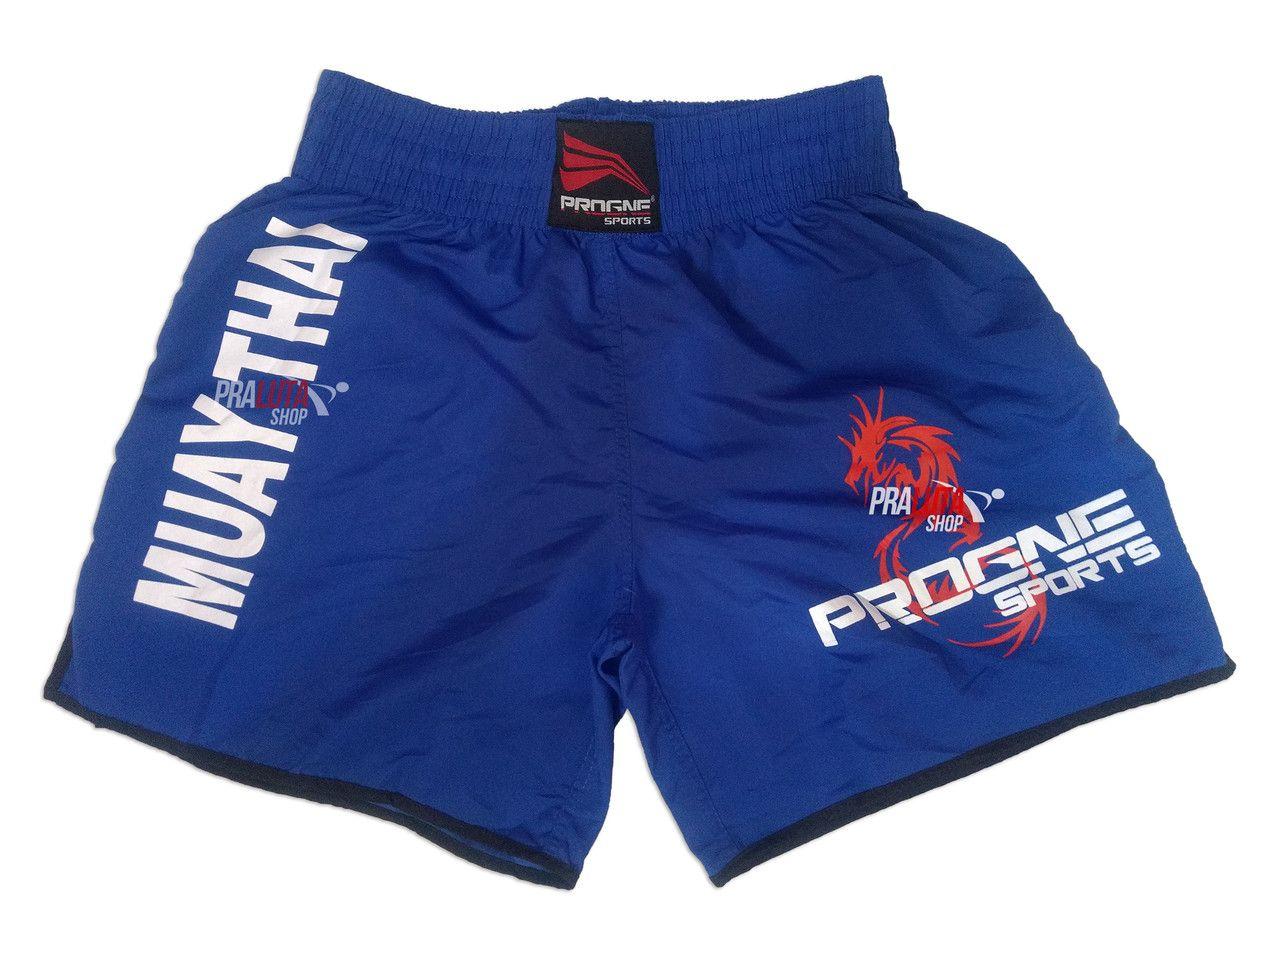 Shorts Bermuda Calção Treino Academia Top Muay Thai Azul Masculino - Progne  - PRALUTA SHOP